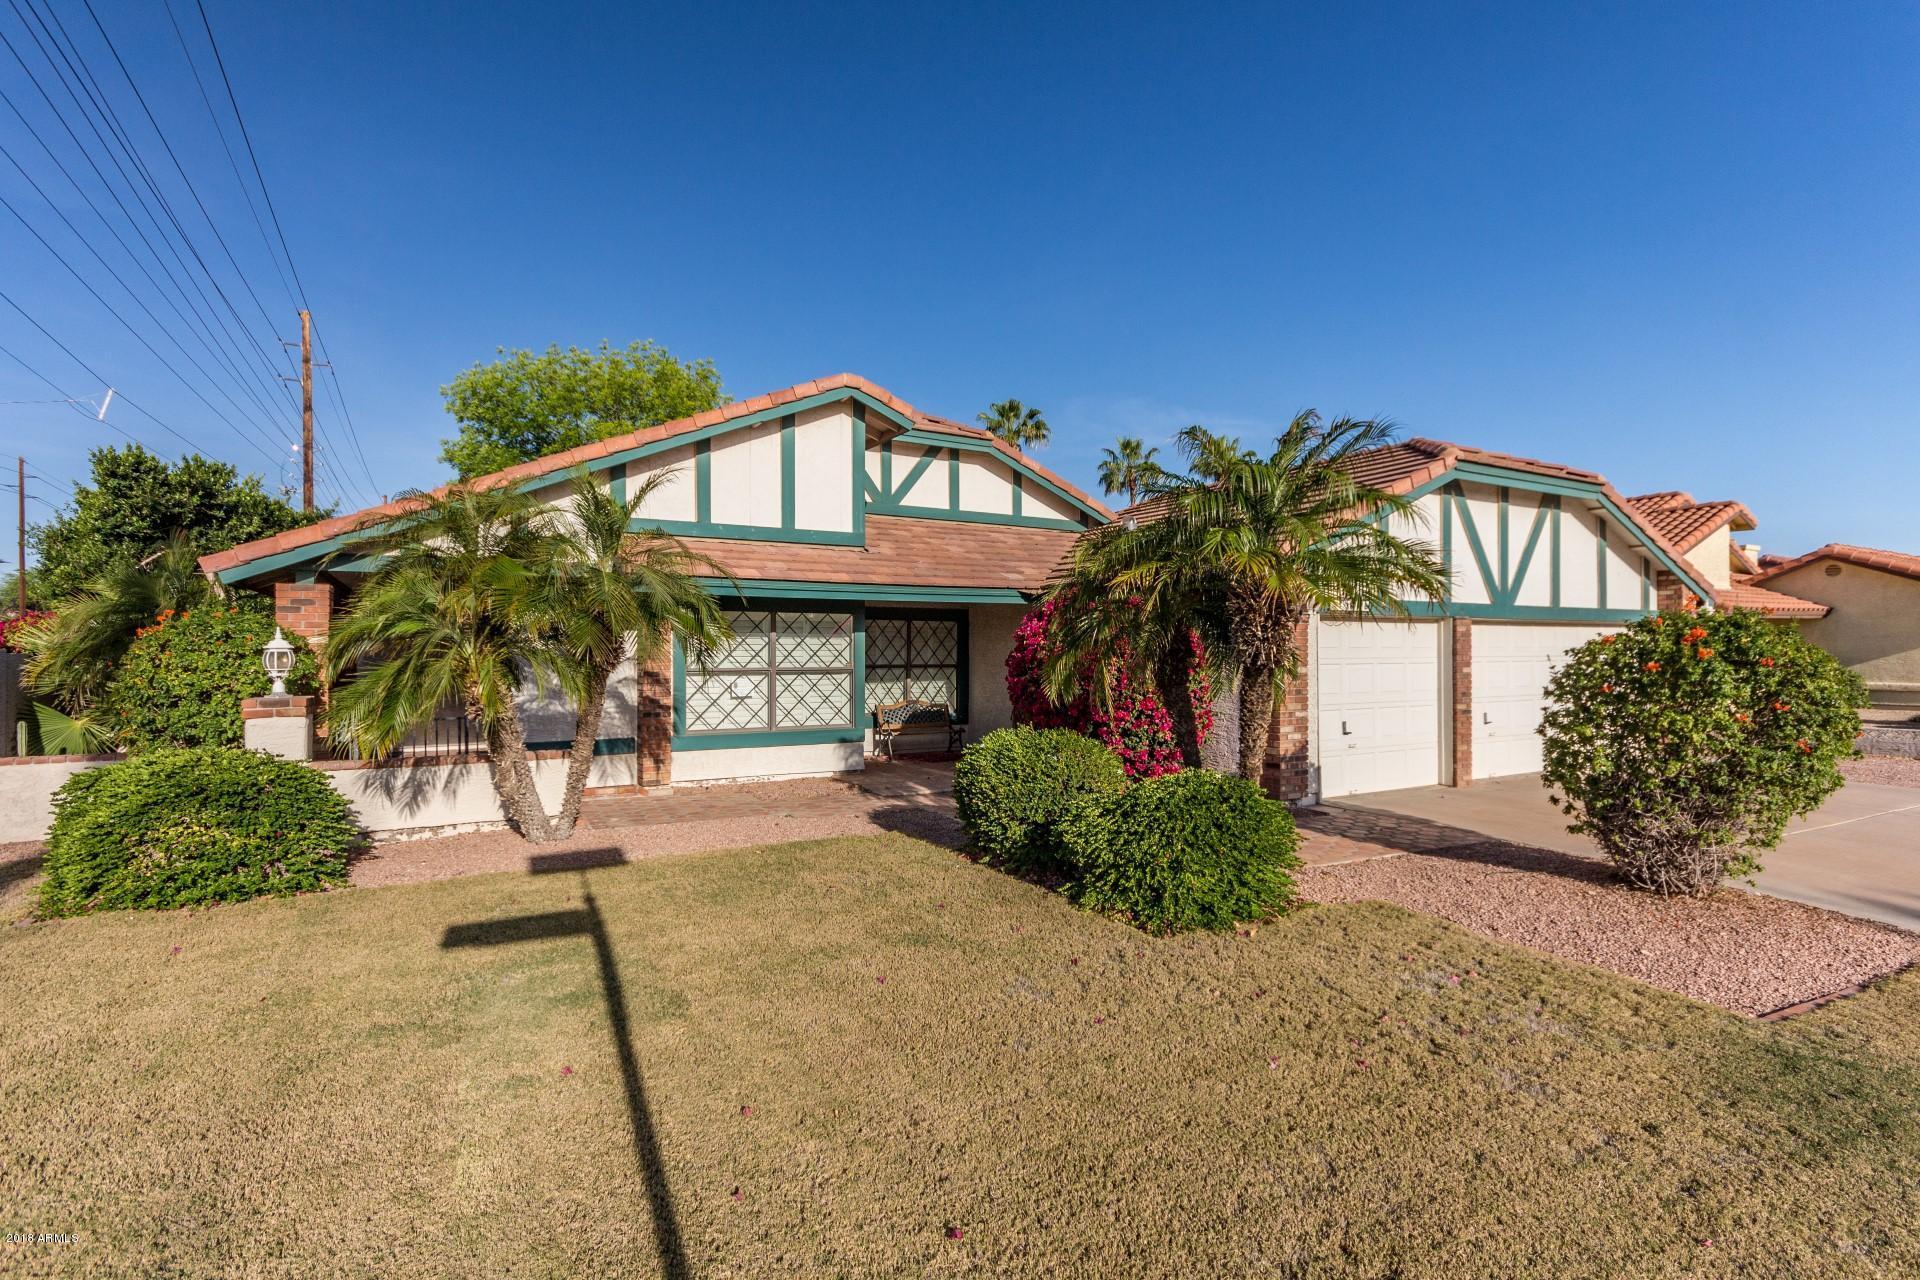 Photo of 13048 S 41ST Place, Phoenix, AZ 85044